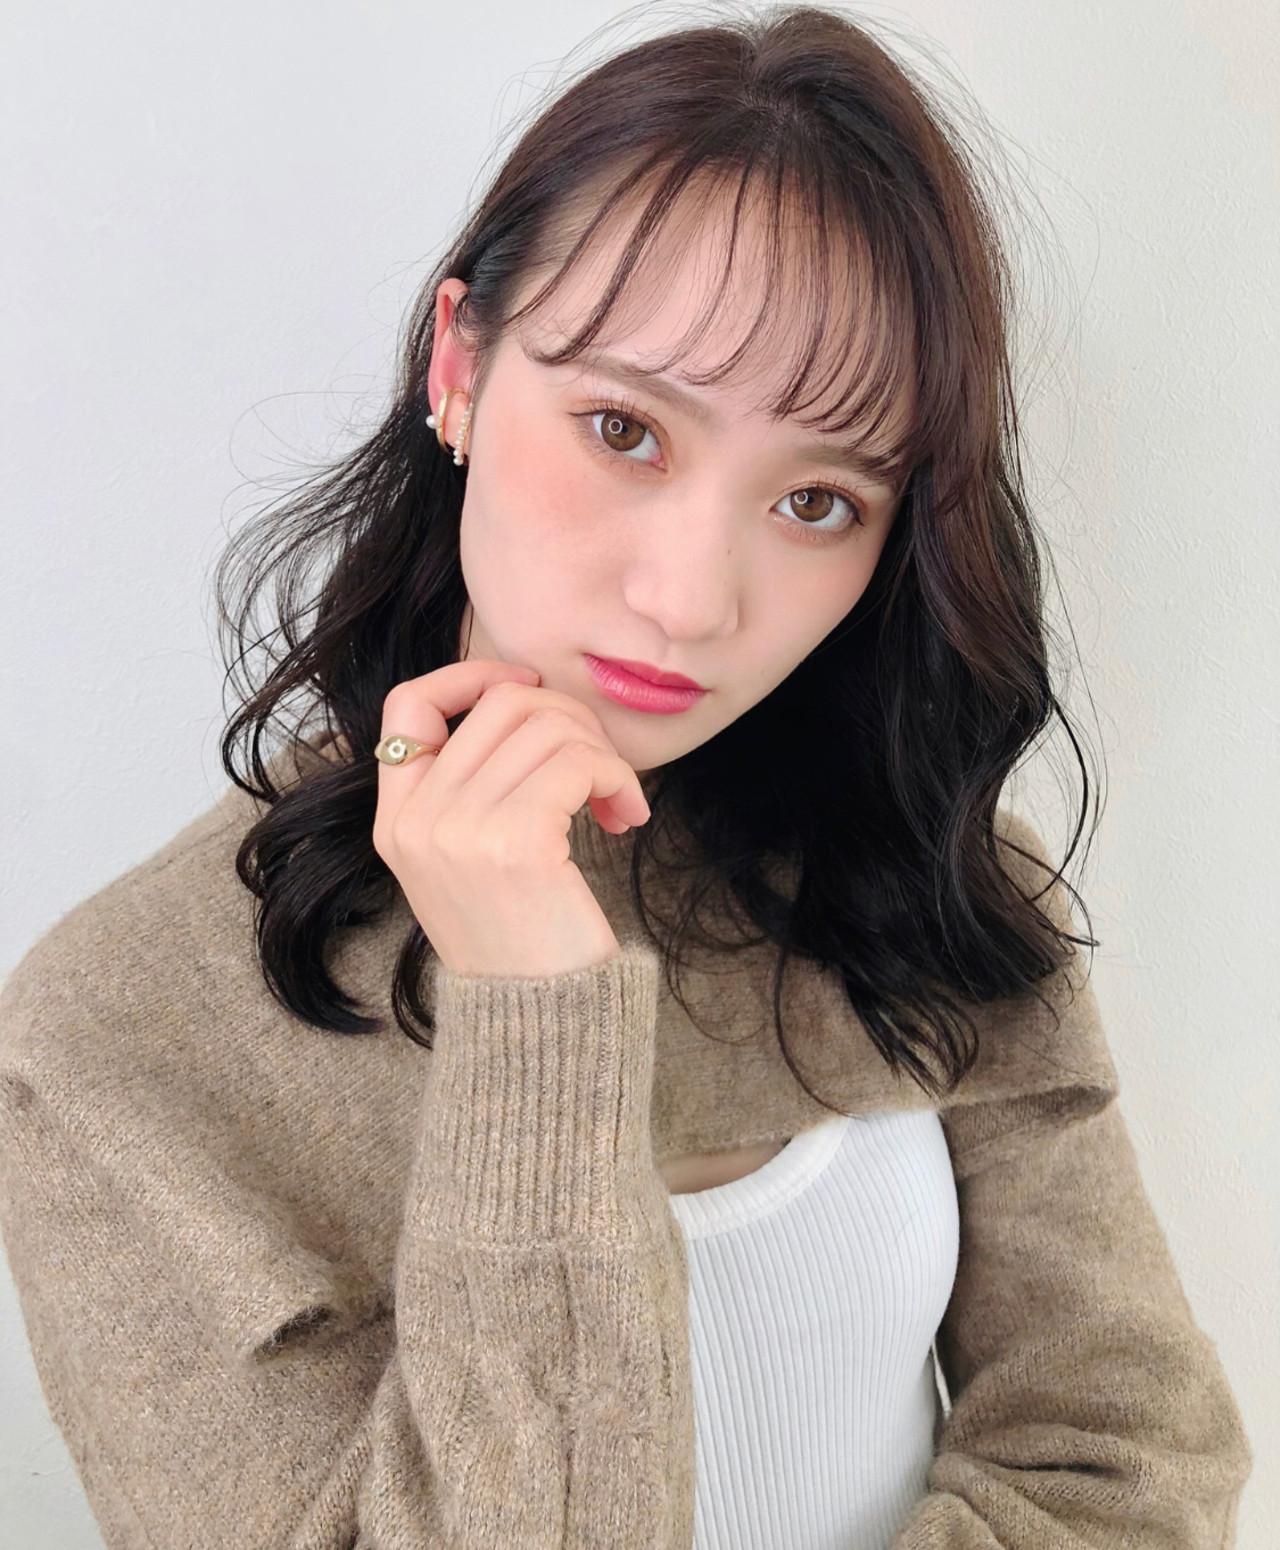 ミディアム コンサバ ミディアムレイヤー アディクシーカラー ヘアスタイルや髪型の写真・画像